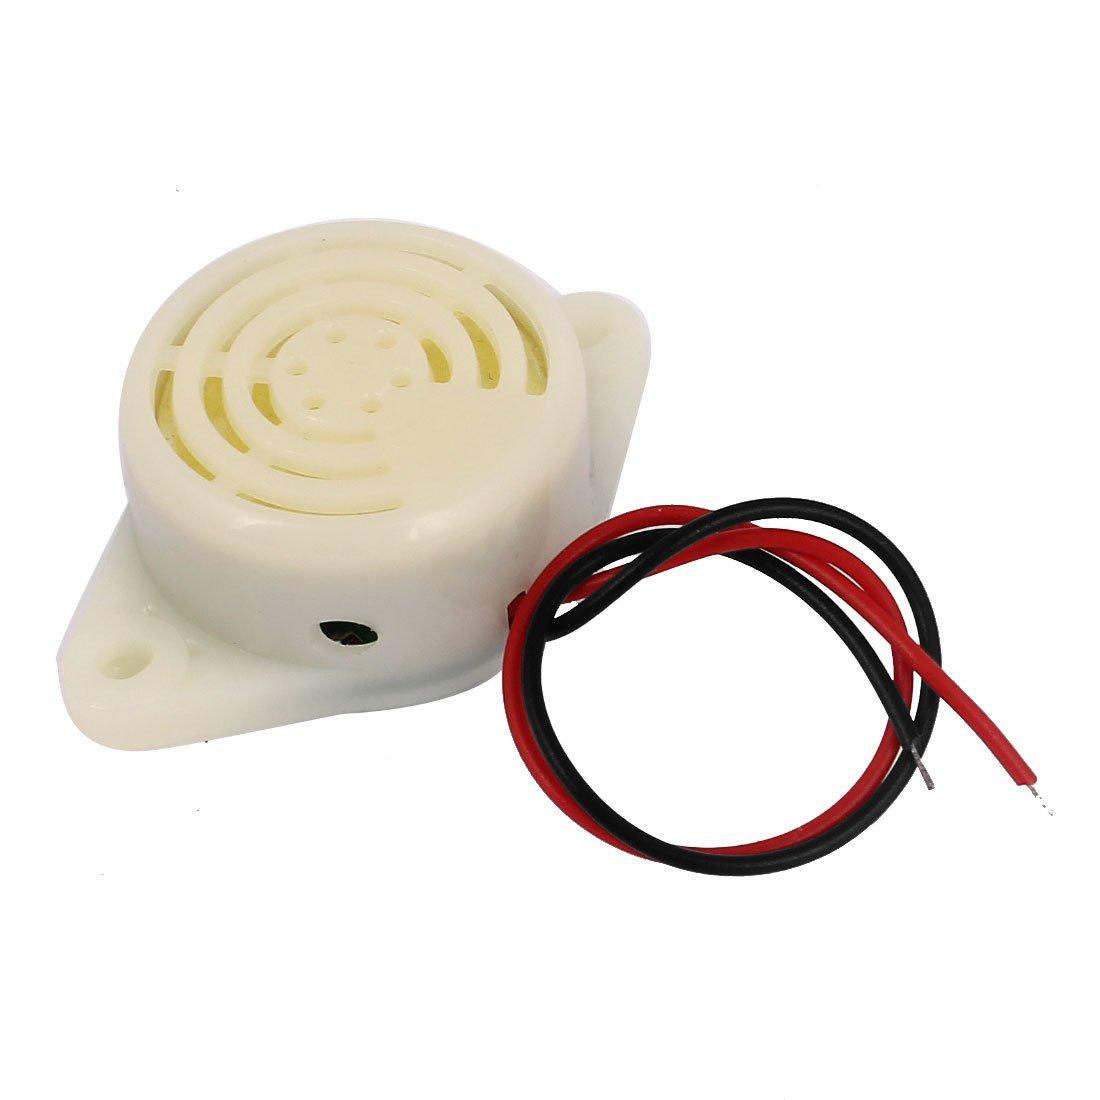 DC 3V-24V miniature é lectronique Filaire Intermittent Buzzer alarme sonore Sourcingmap a15032300ux0100